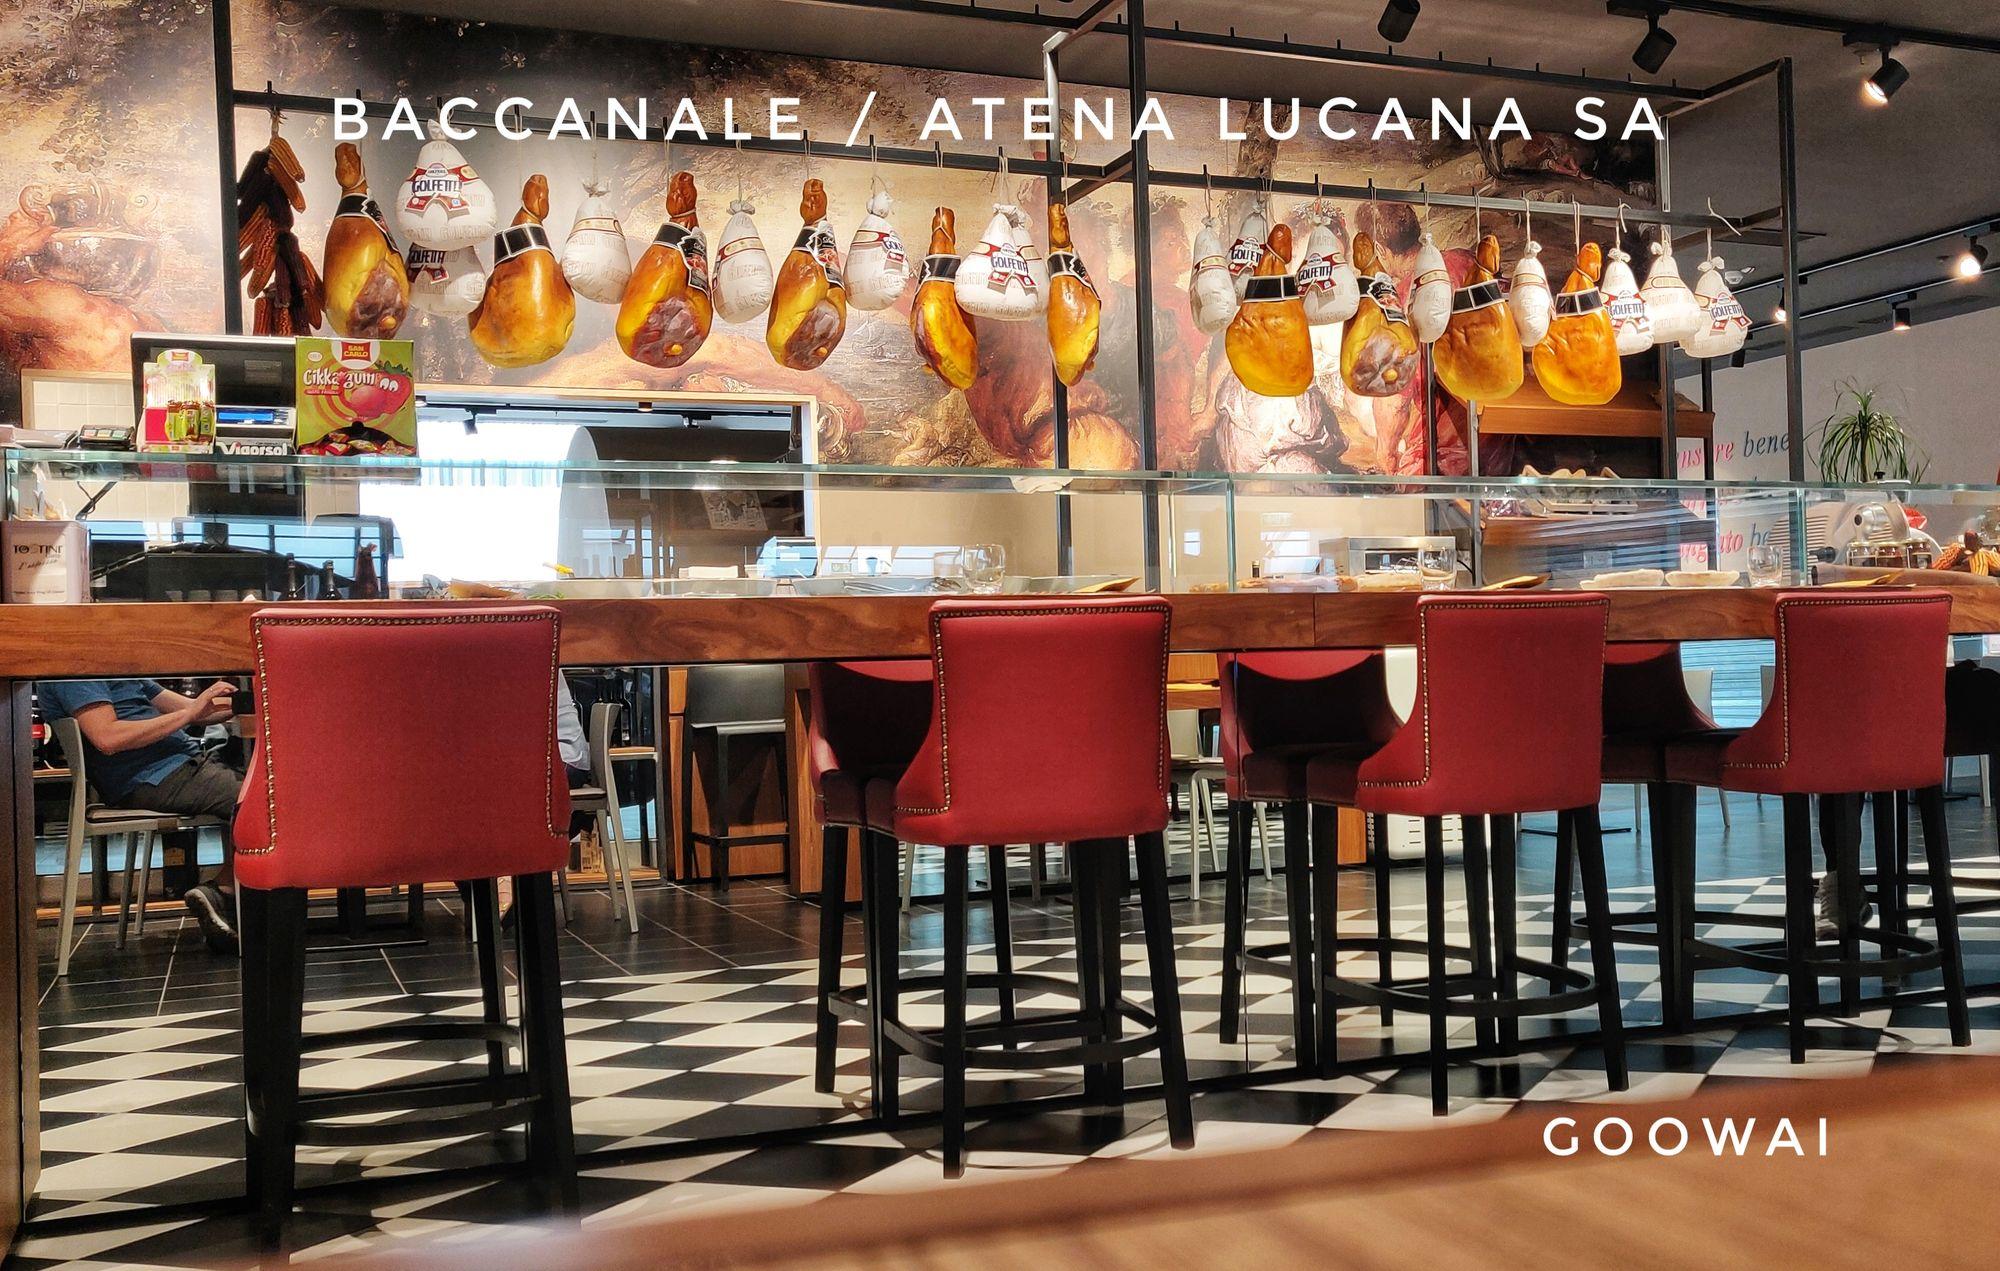 Ristorante Baccanale ad Atena Lucana Salerno